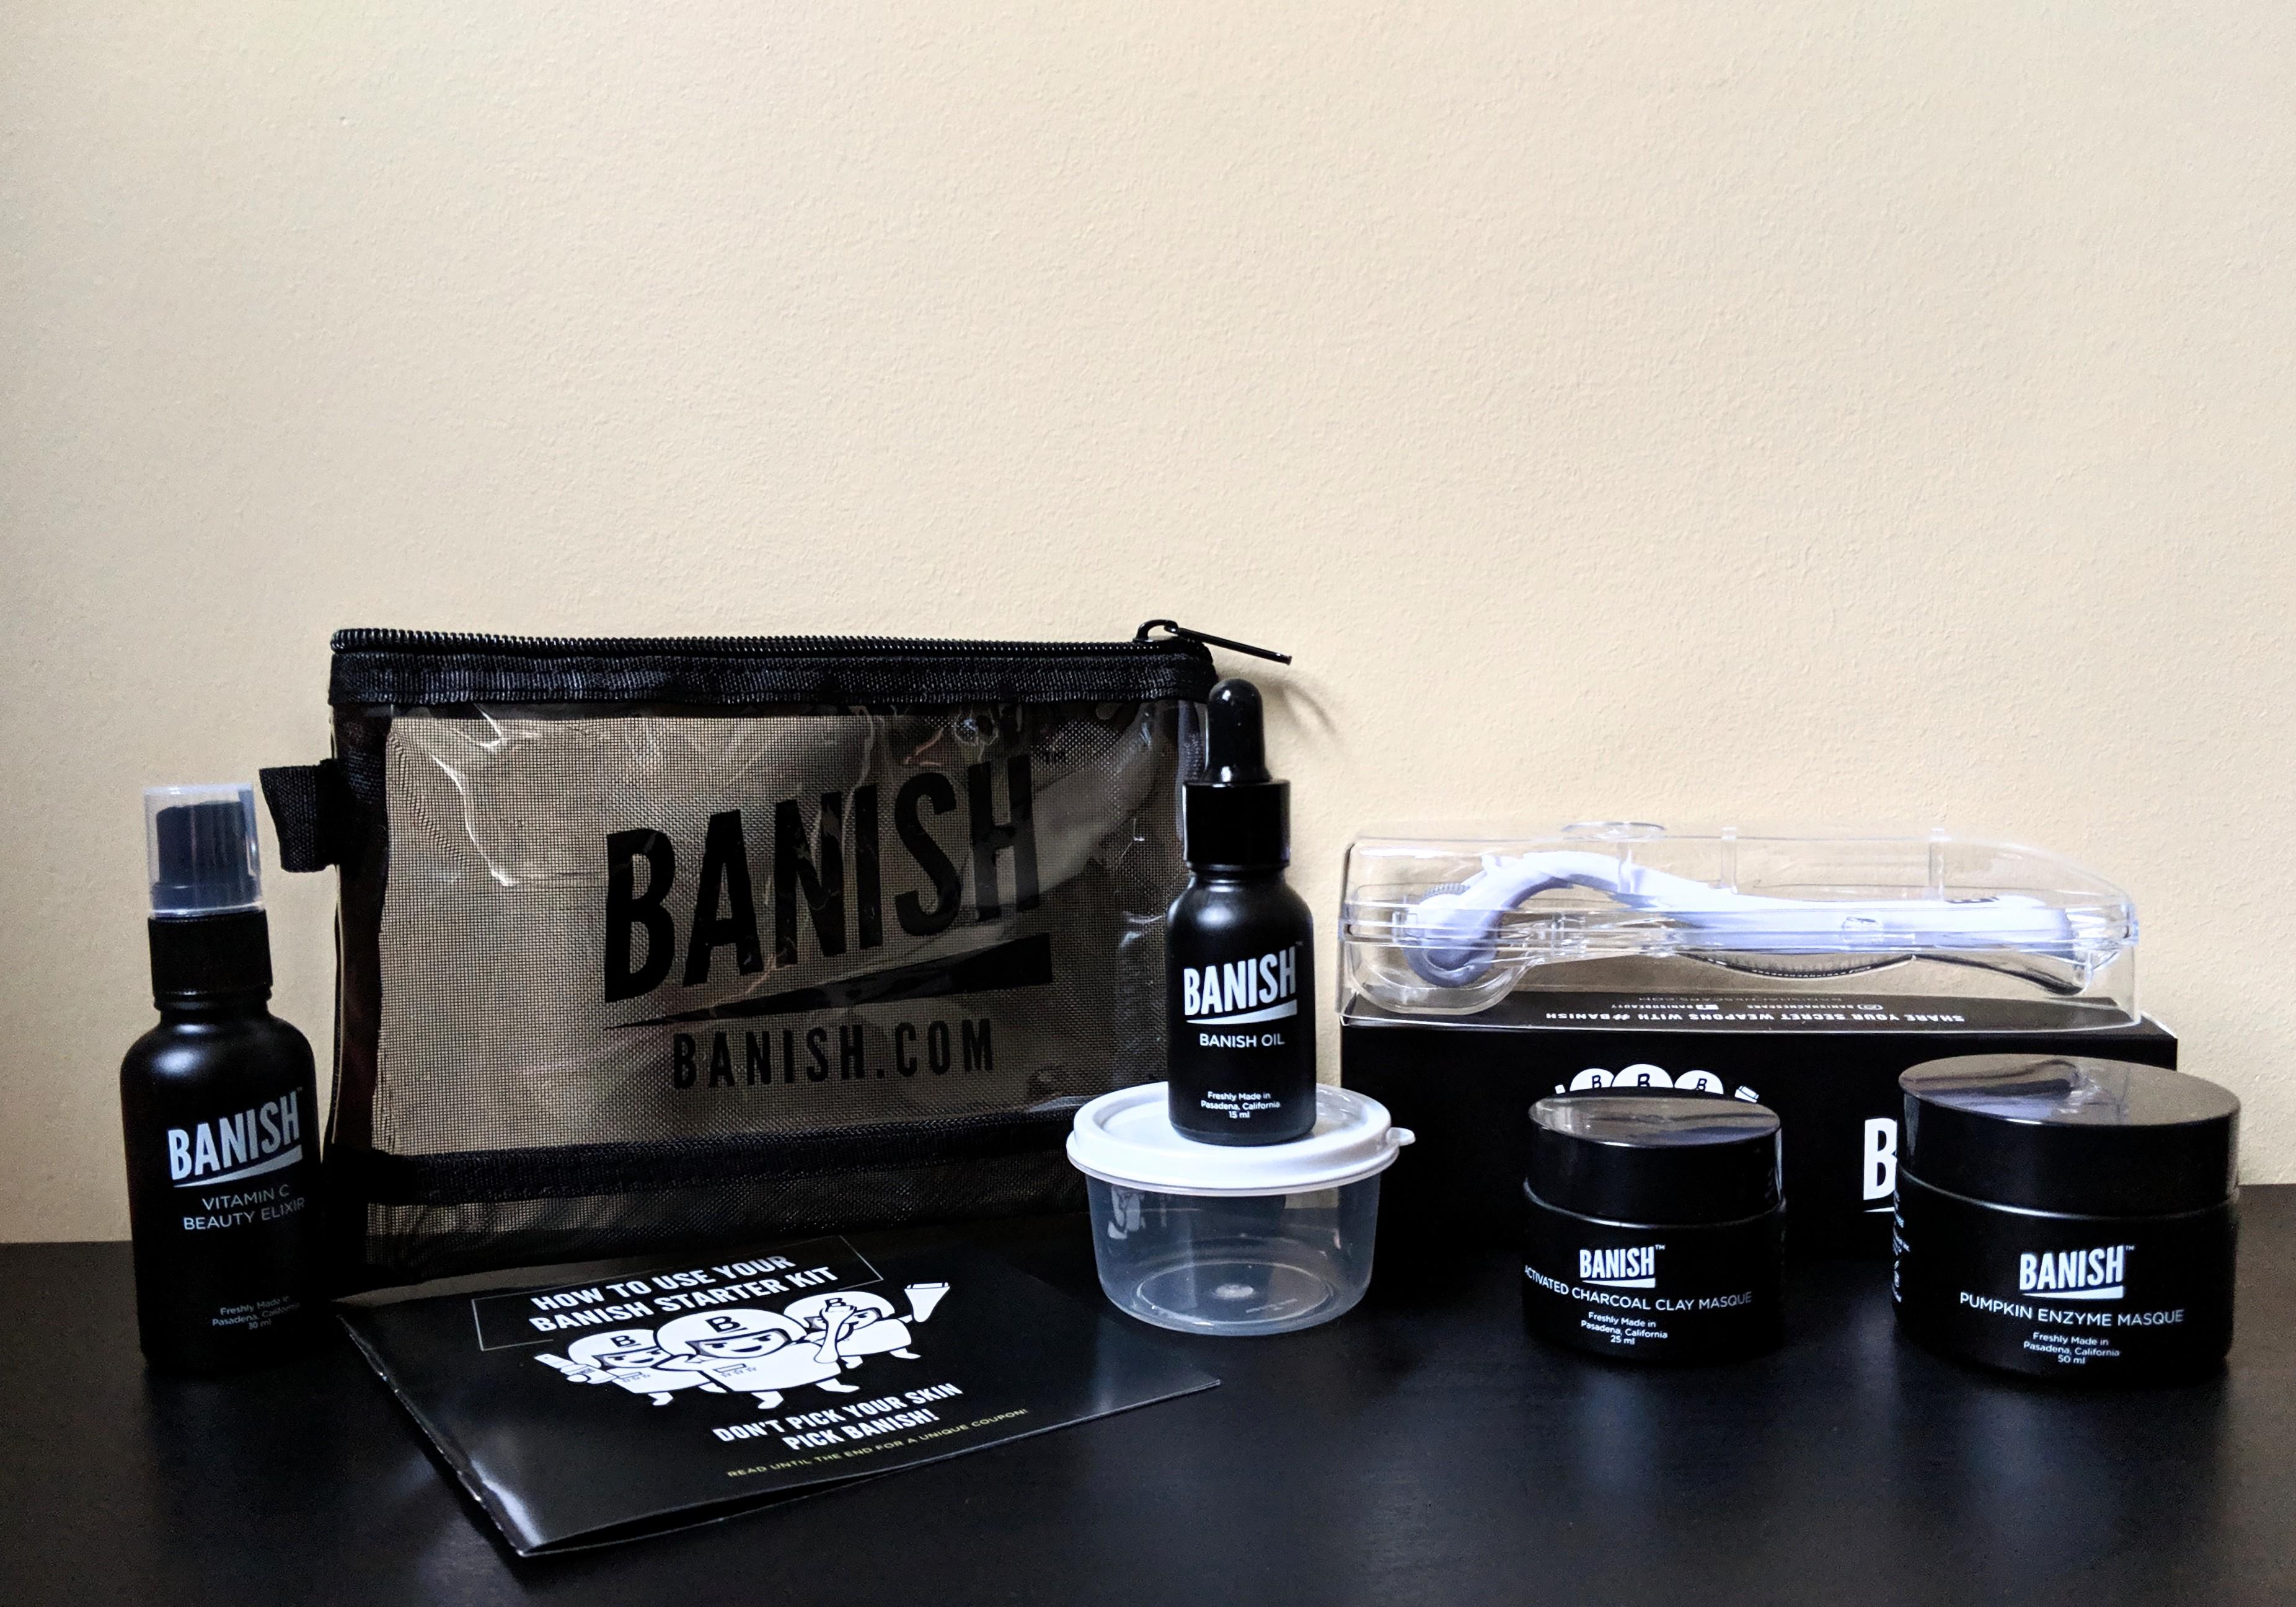 Banish Kit